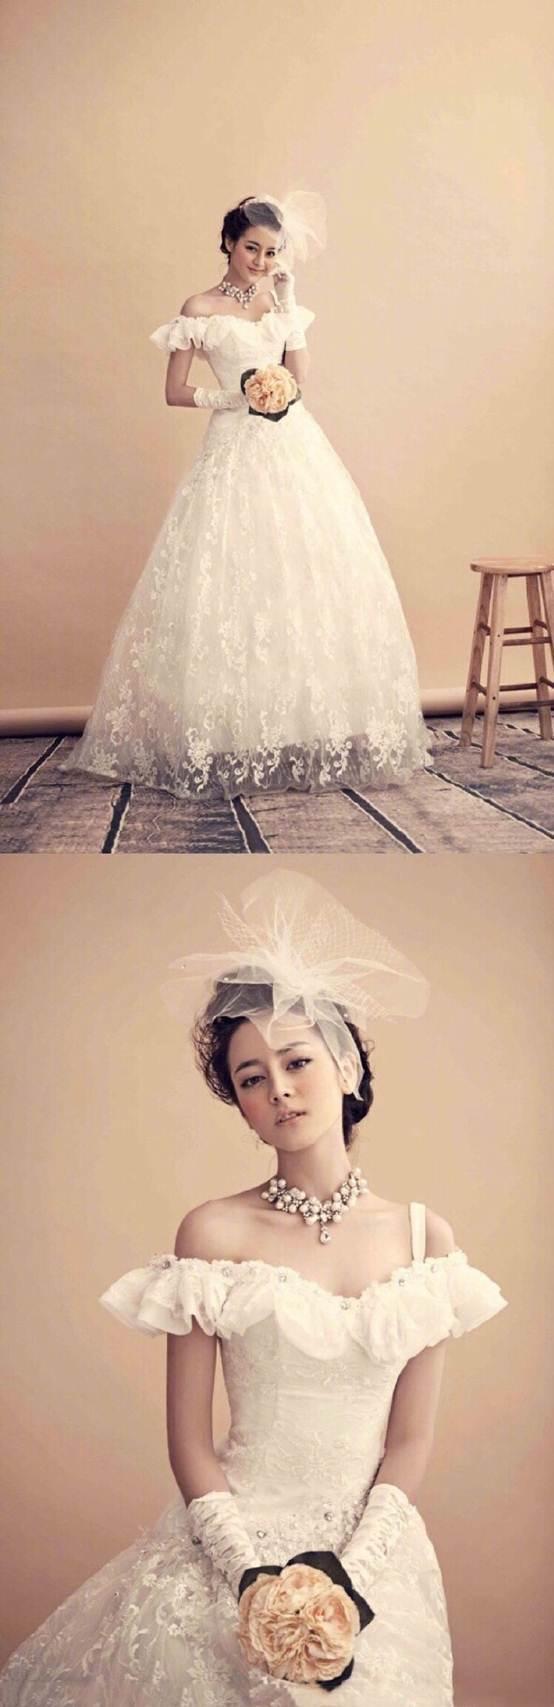 Angela Baby - Địch Lệ Nhiệt Ba cùng mặc váy cưới: Ai đẹp xuất sắc hơn ai? - Ảnh 11.